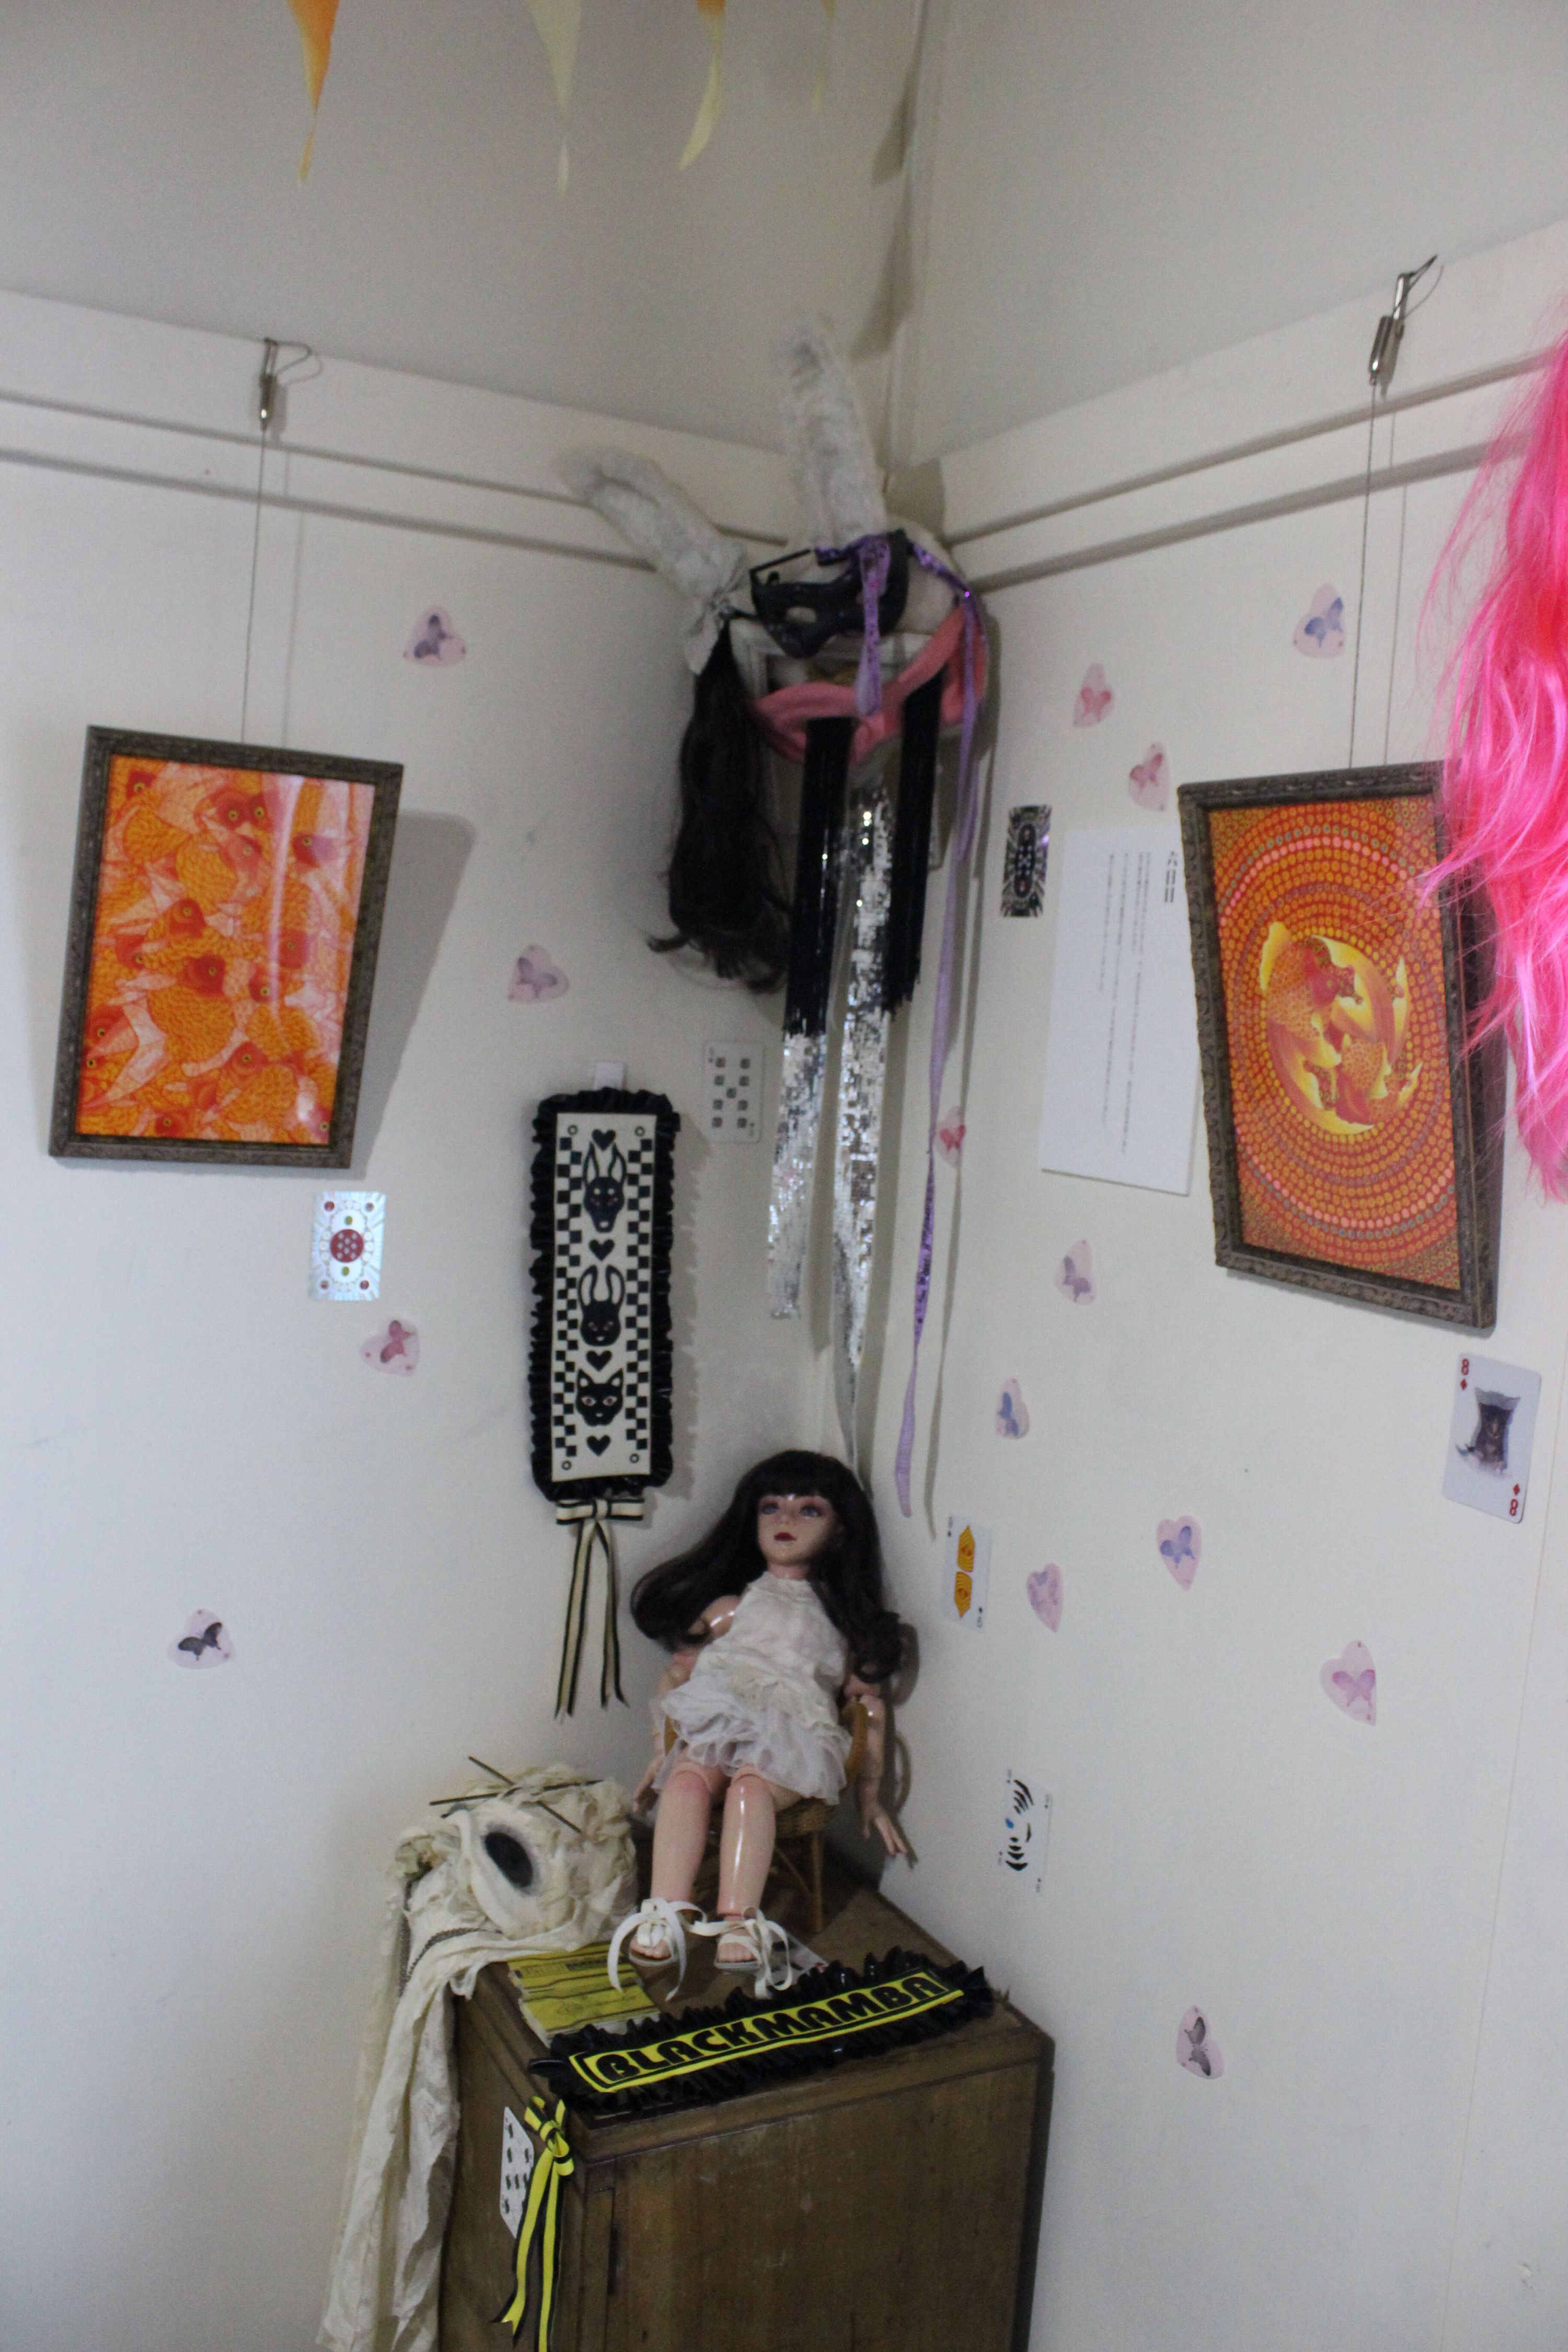 ノスタルジーの庭~ギャラリー202号室二周年記念グループ展~個性的な作品達が織り成す絵本の世界で癒しのひとときを楽しむ~